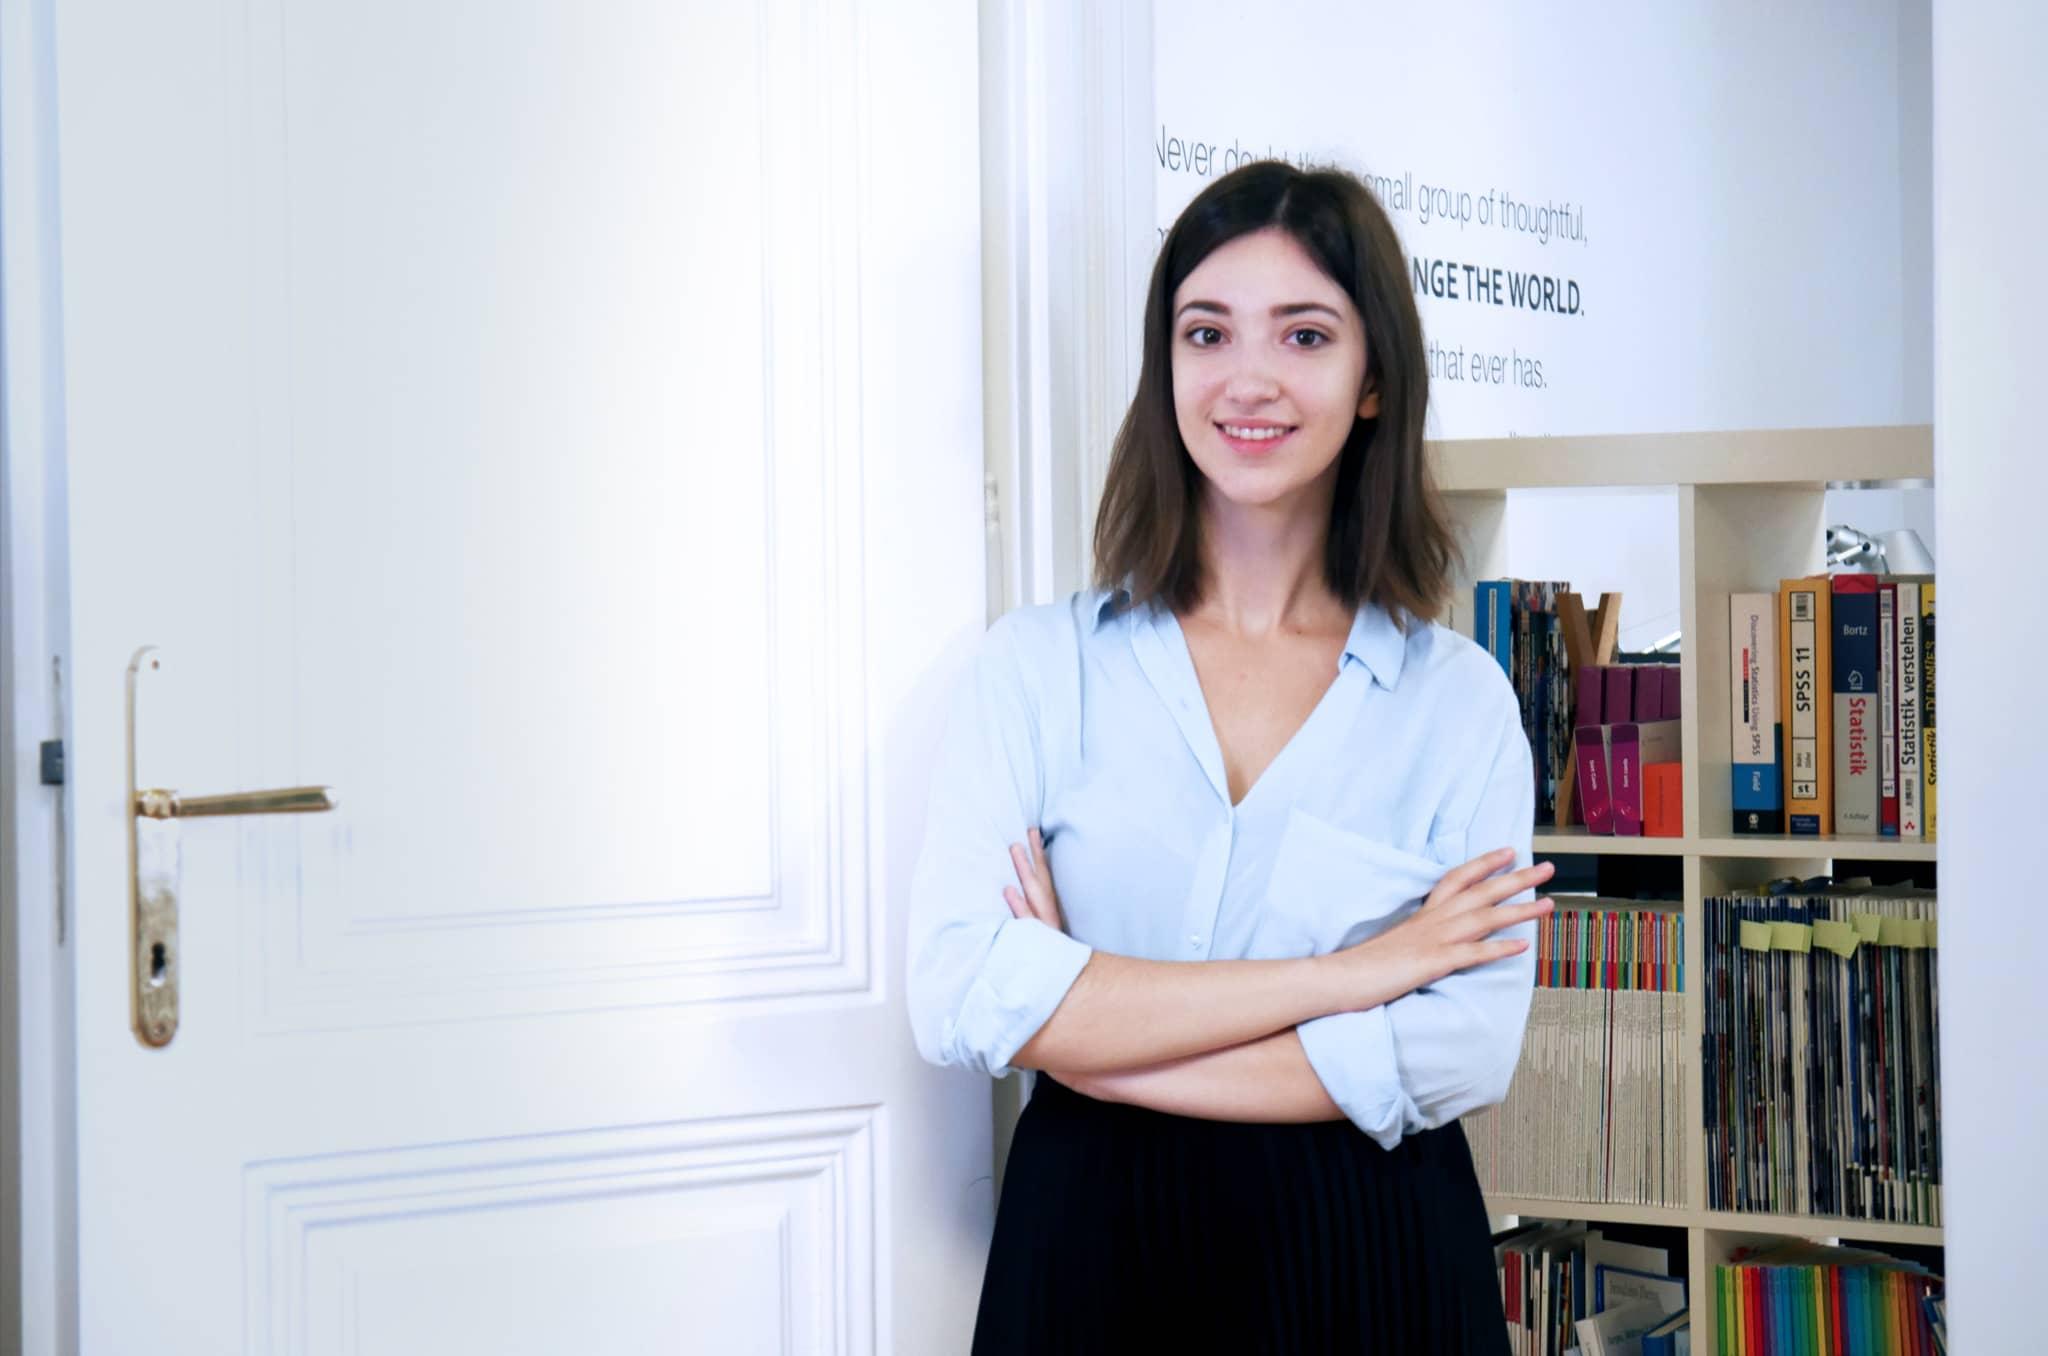 Lara Zoncsich